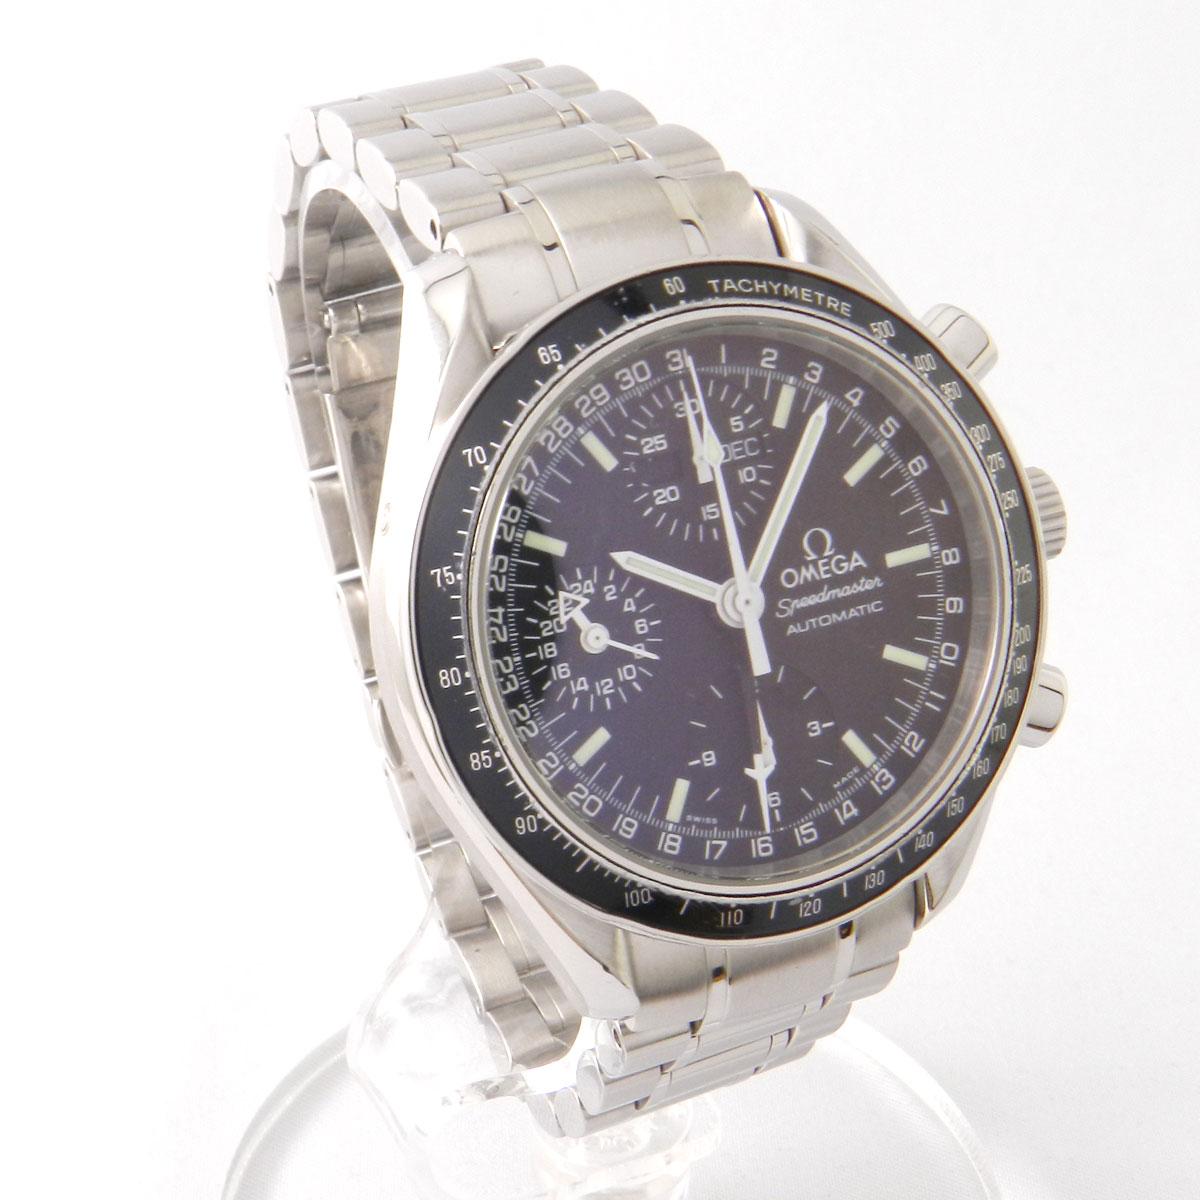 OMEGA Speedmaster 3520-50 mark 40 Cosmos watch SS men